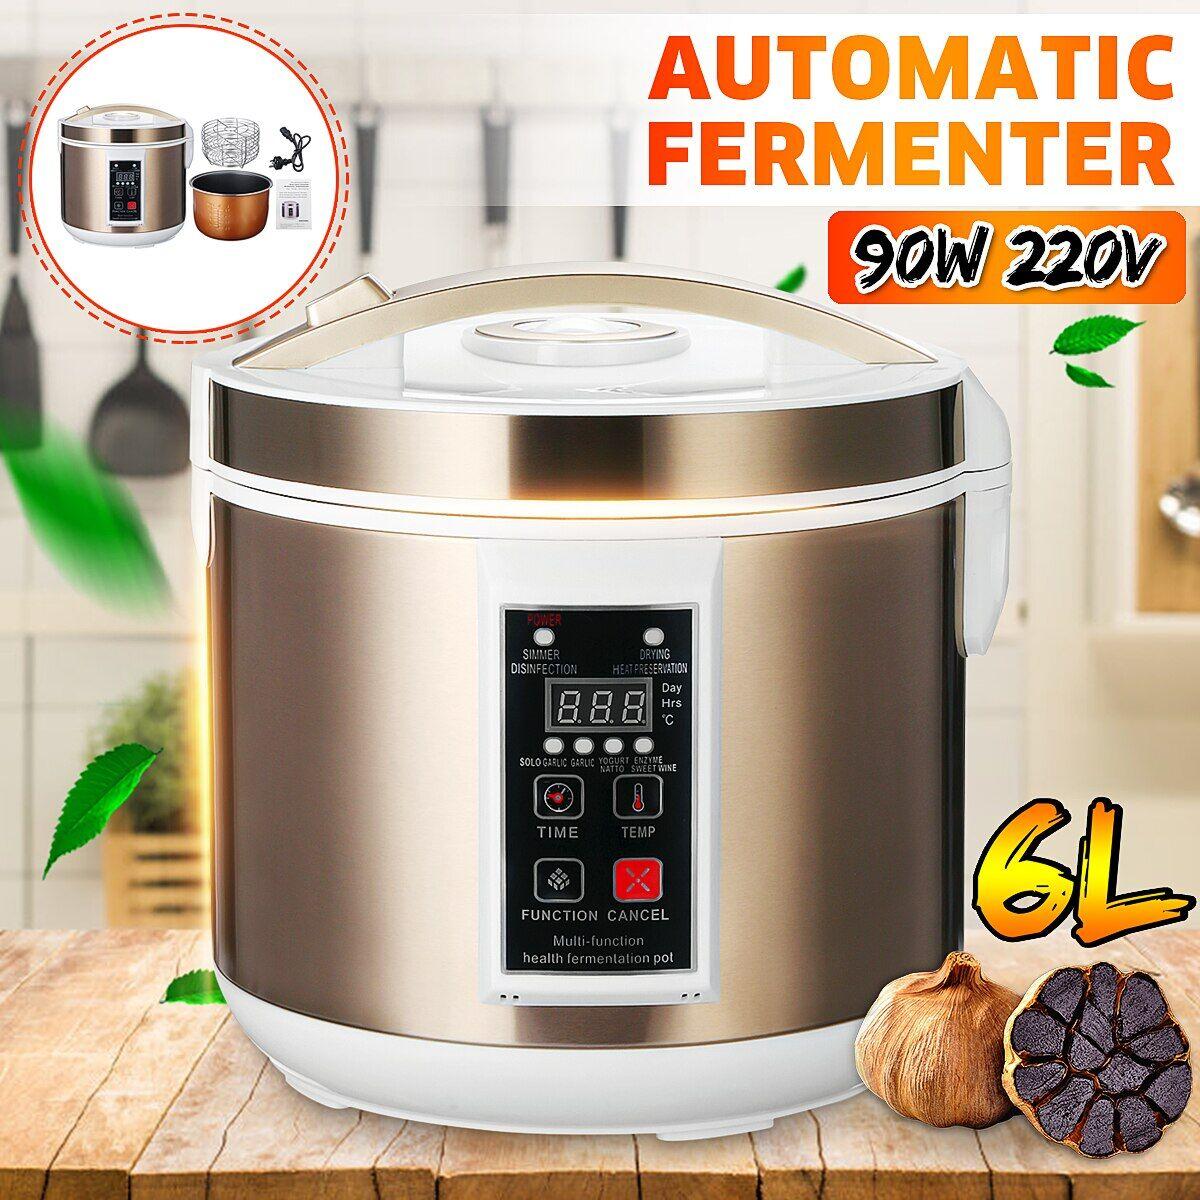 AliExpress Machine de fermentation automatique de l'ail noir, 220V 6L, 90W, Pot de zymolyse, Natto, yaourt, vin